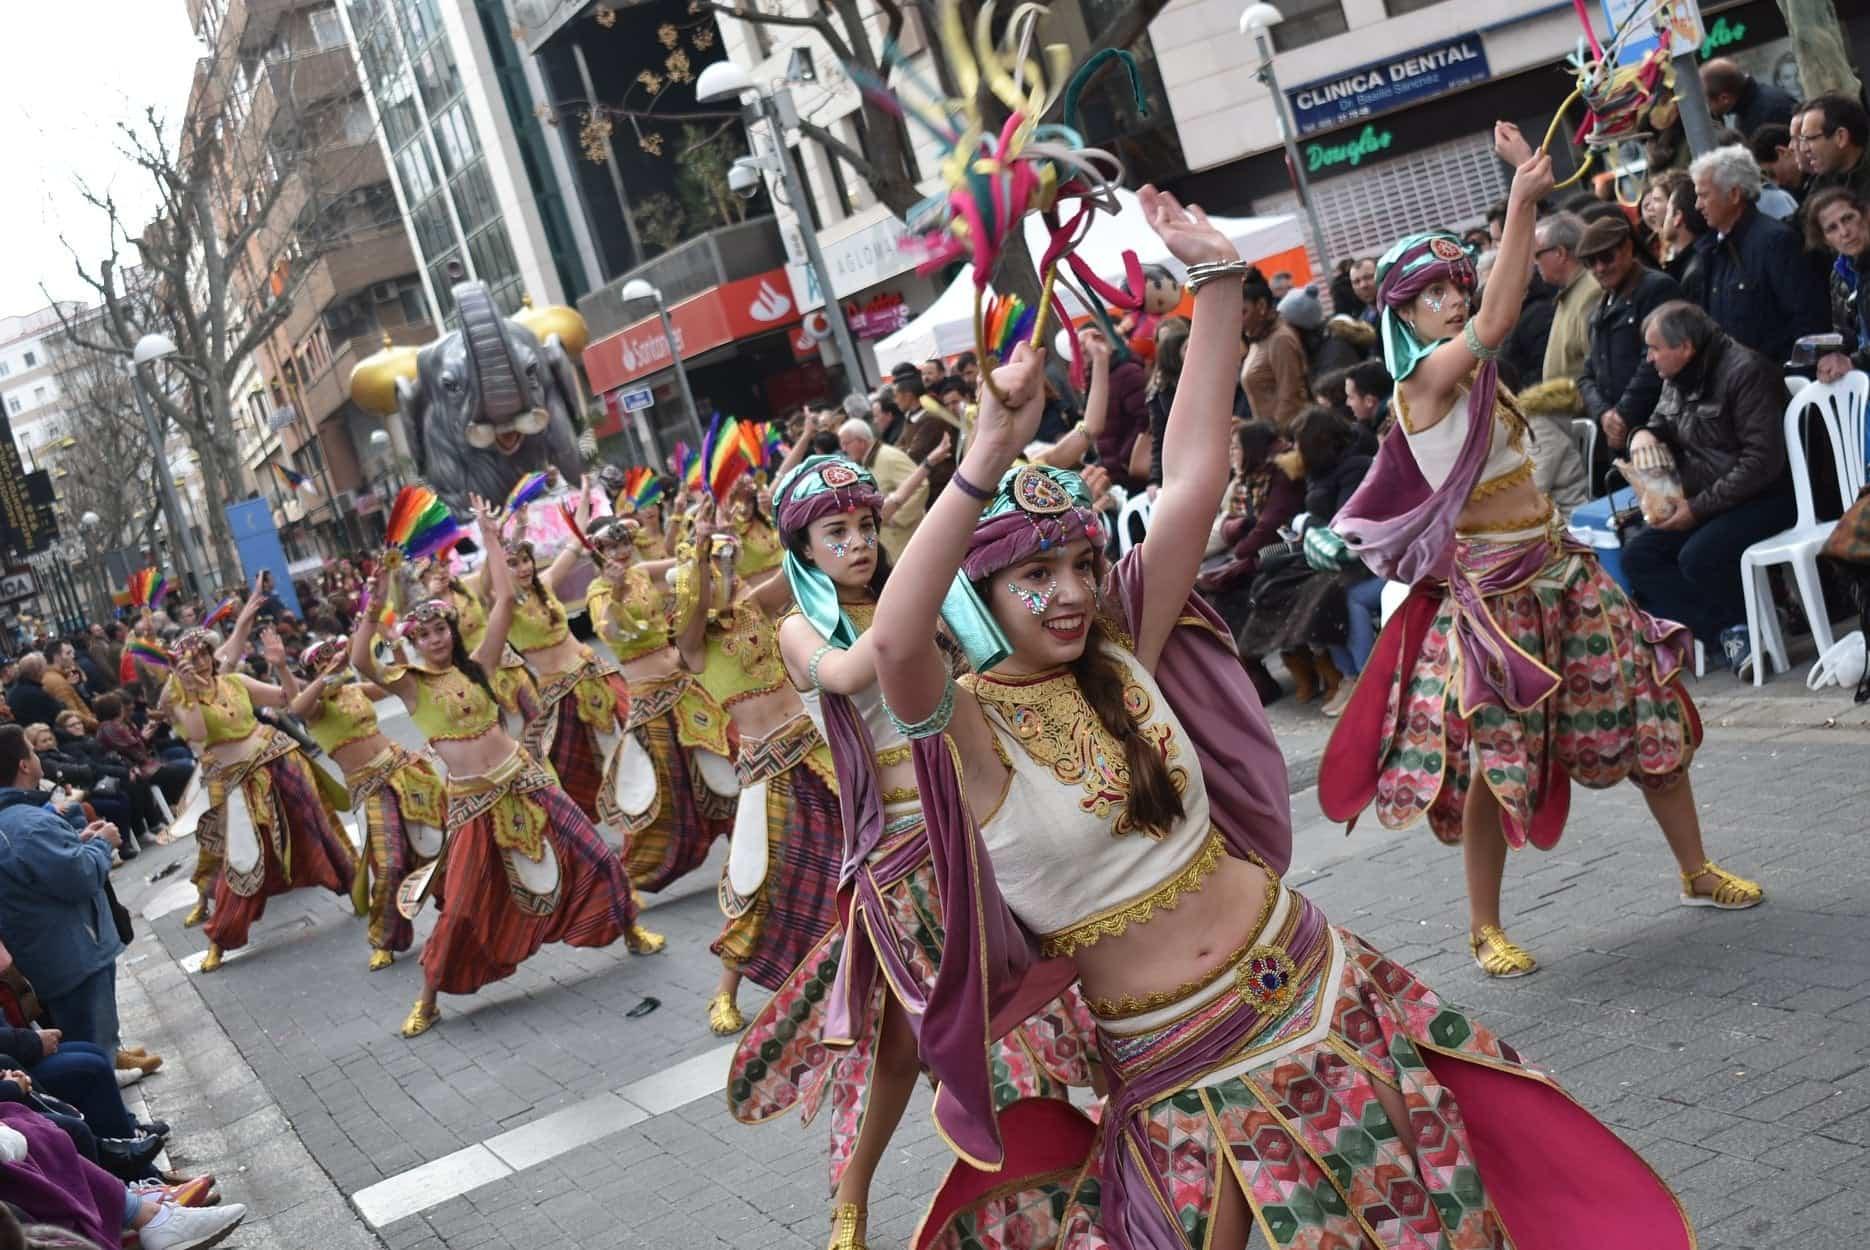 Carnaval de ciudad real 2020 axonsou arlequin oro herencia 6 - Axonsou se lleva el Arlequín de Oro en Ciudad Real